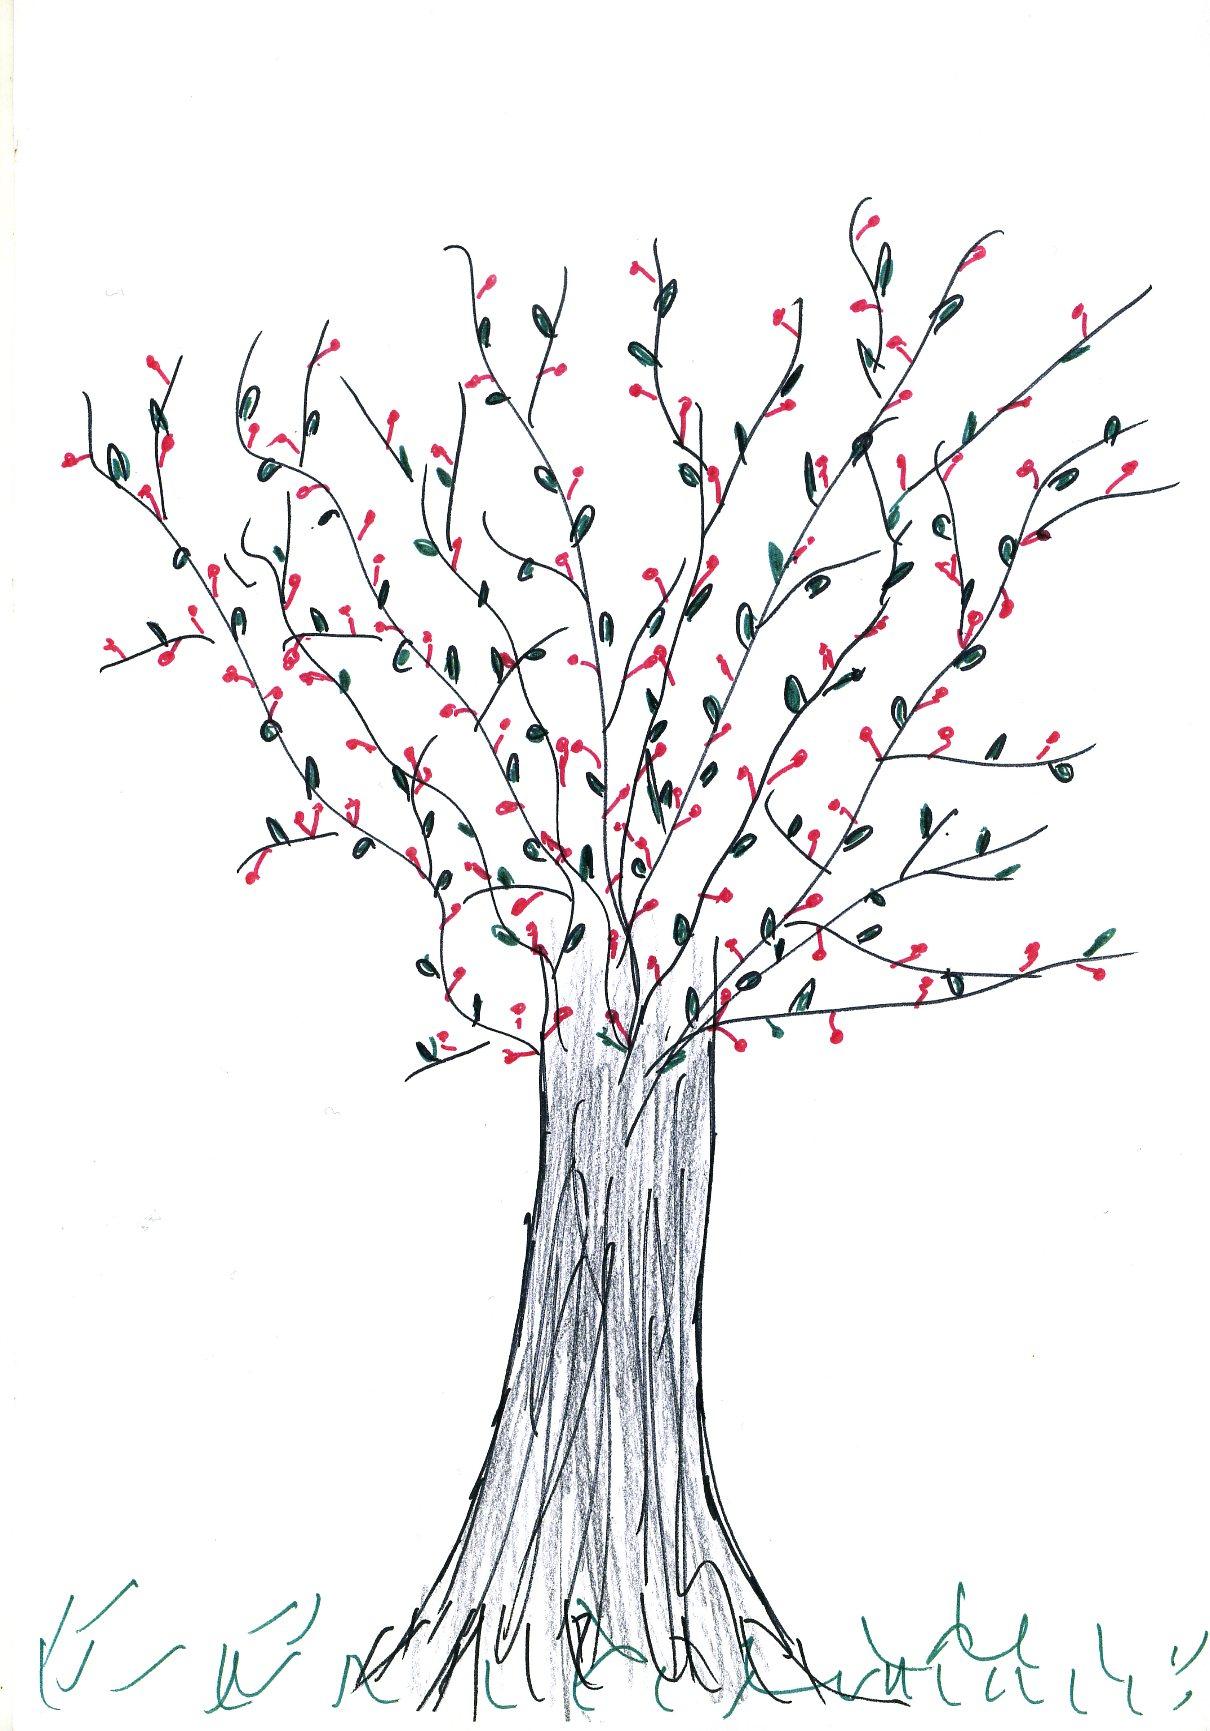 Test Du Dessin D'arbre | Autour De La Graphologie Et Du Dessin intérieur Dessin D Arbre En Hiver